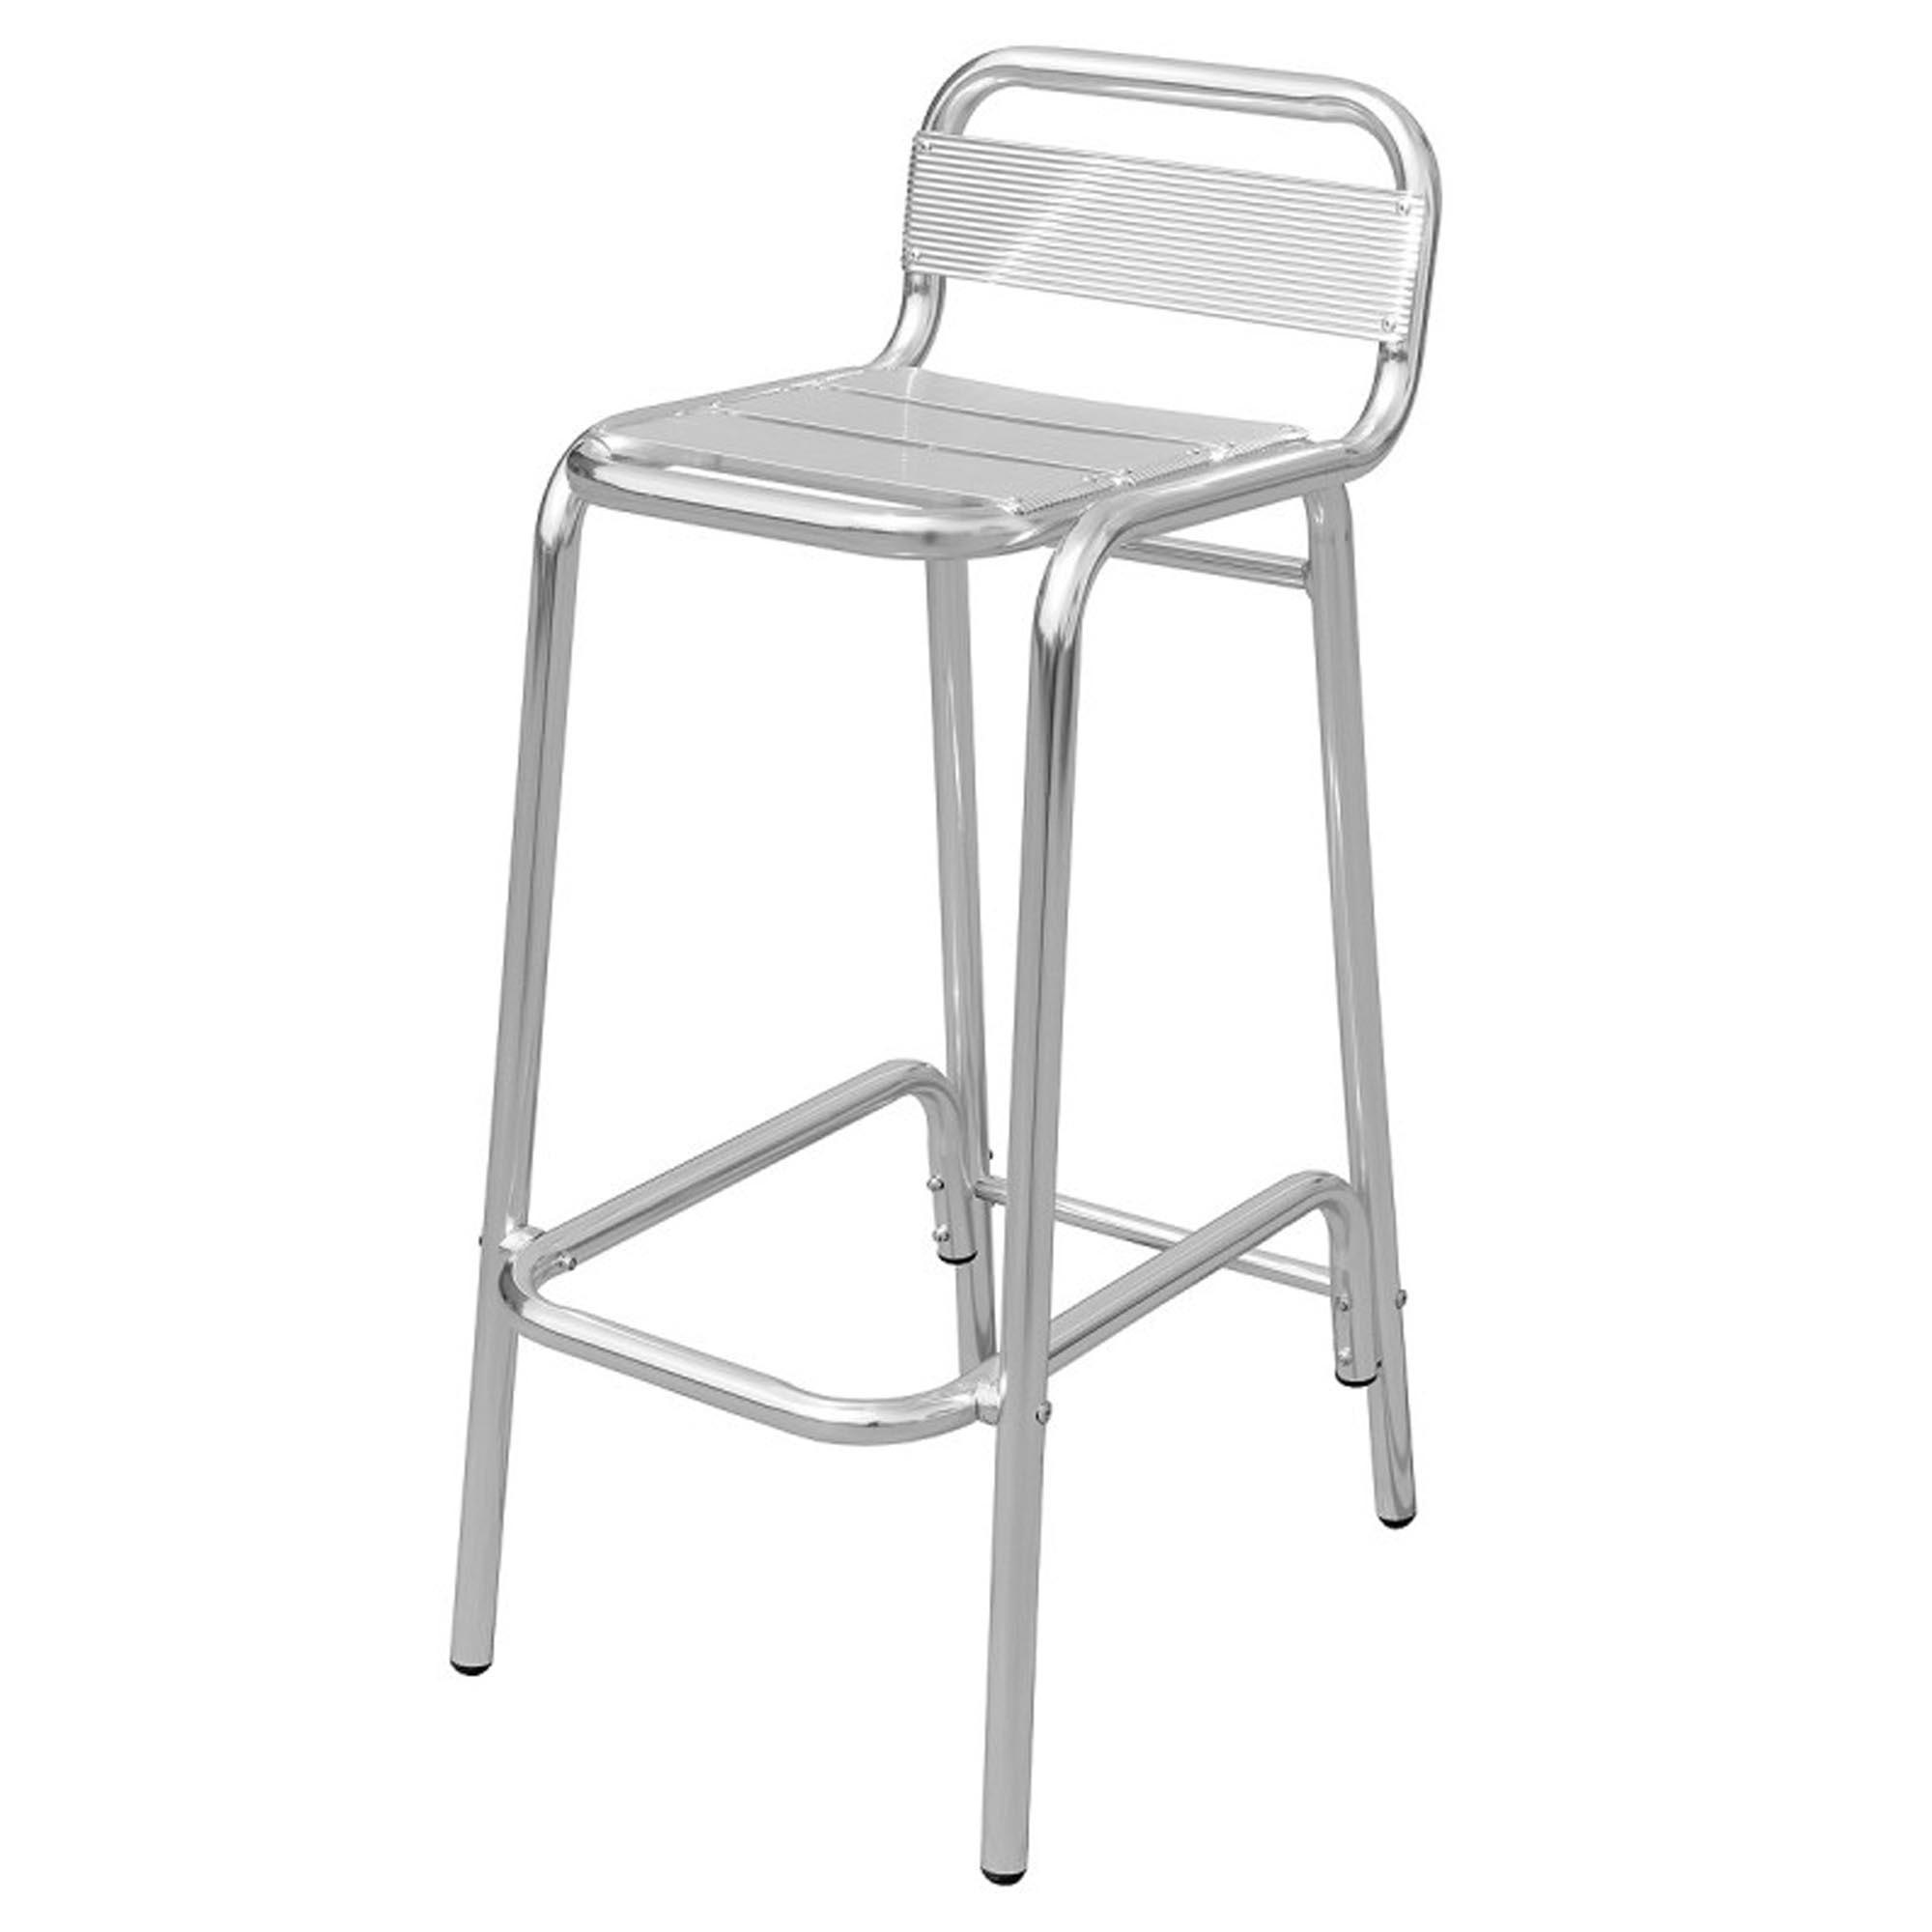 Marvelous Aluminium Outdoor Bar Stool Squirreltailoven Fun Painted Chair Ideas Images Squirreltailovenorg